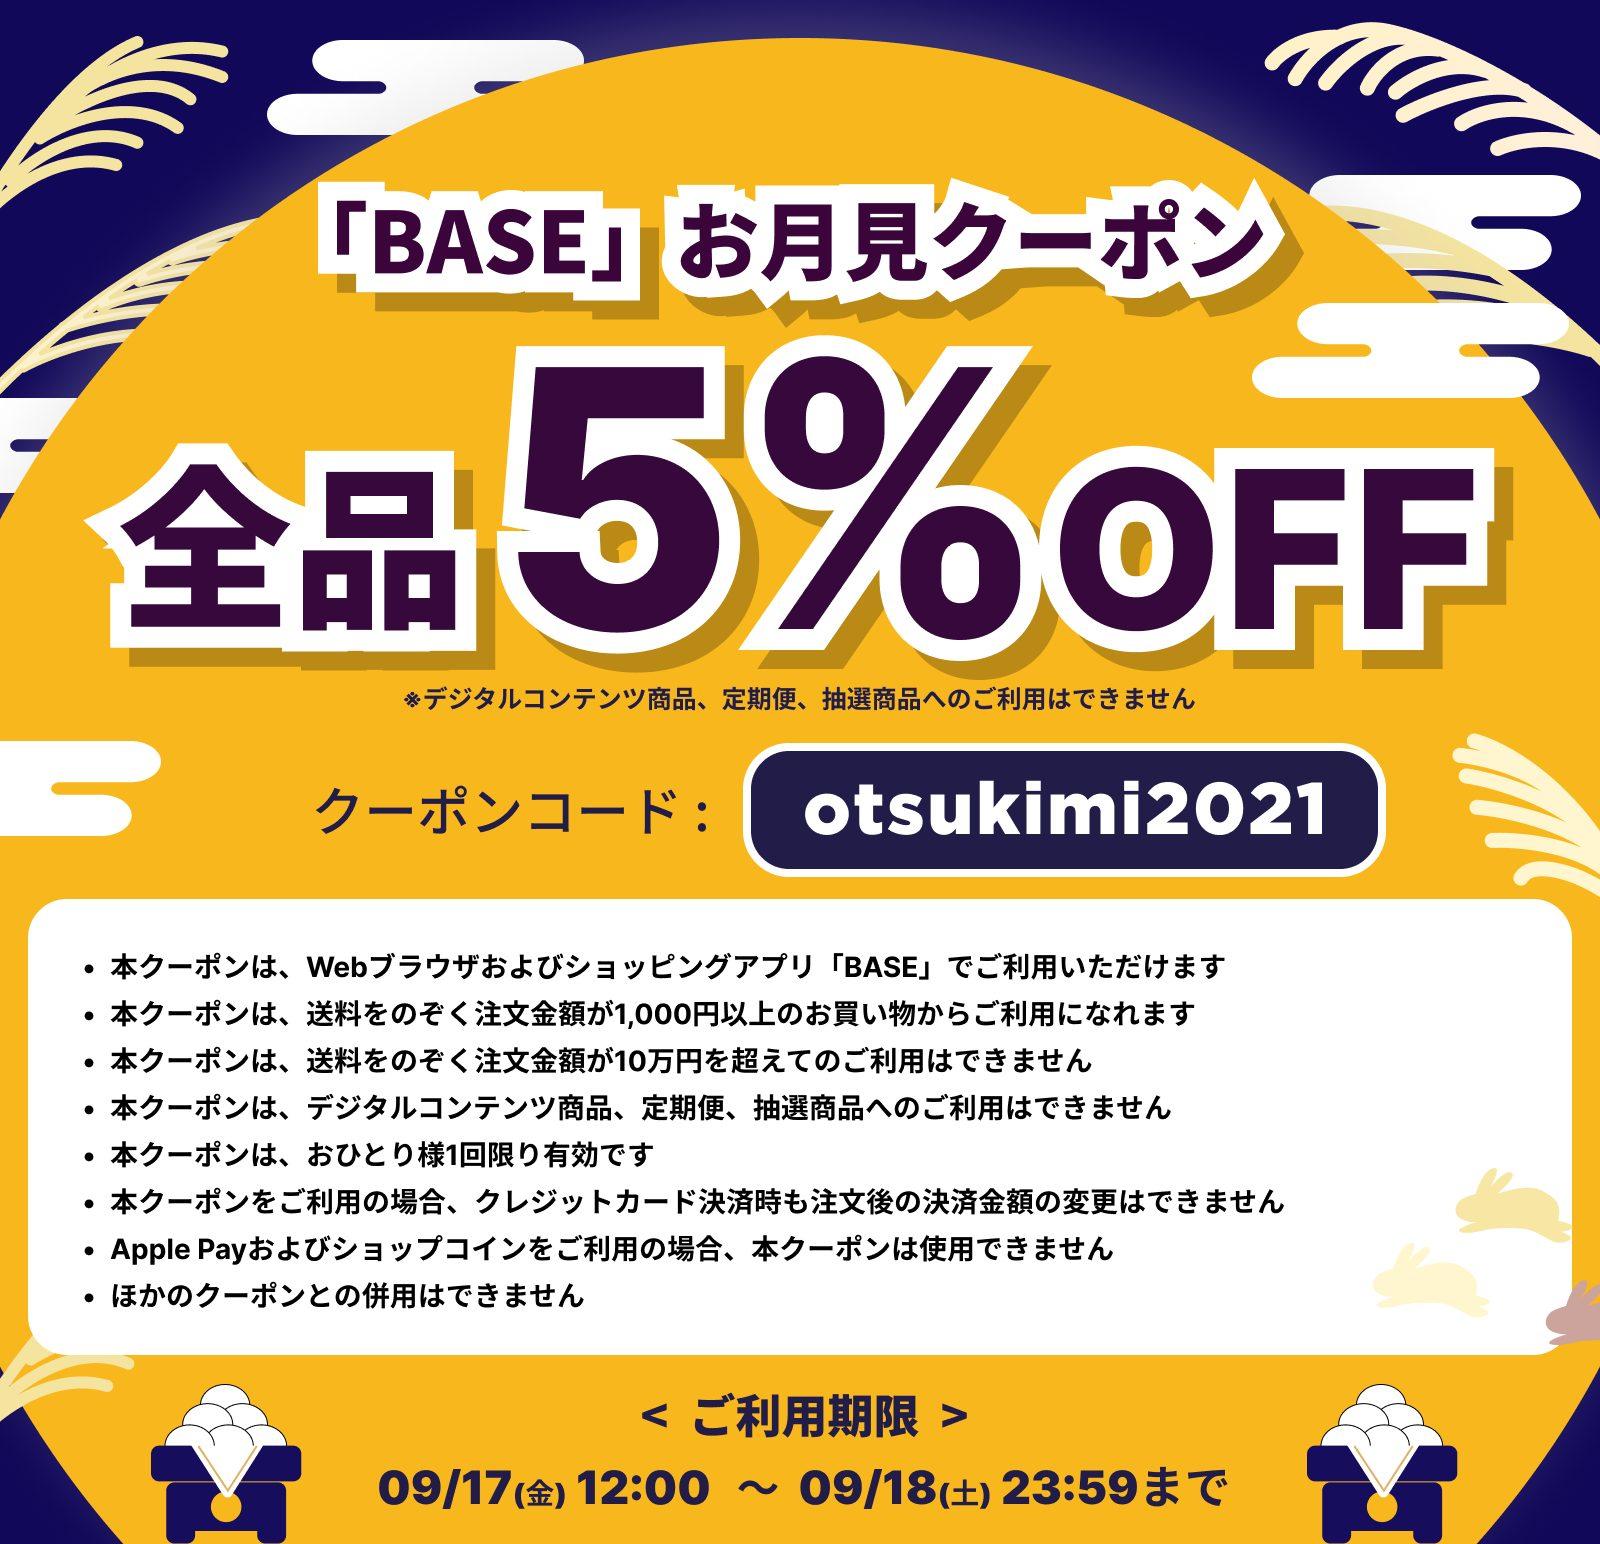 お得な5%OFFクーポンをプレゼント♪【9/17~9/18 期間限定】